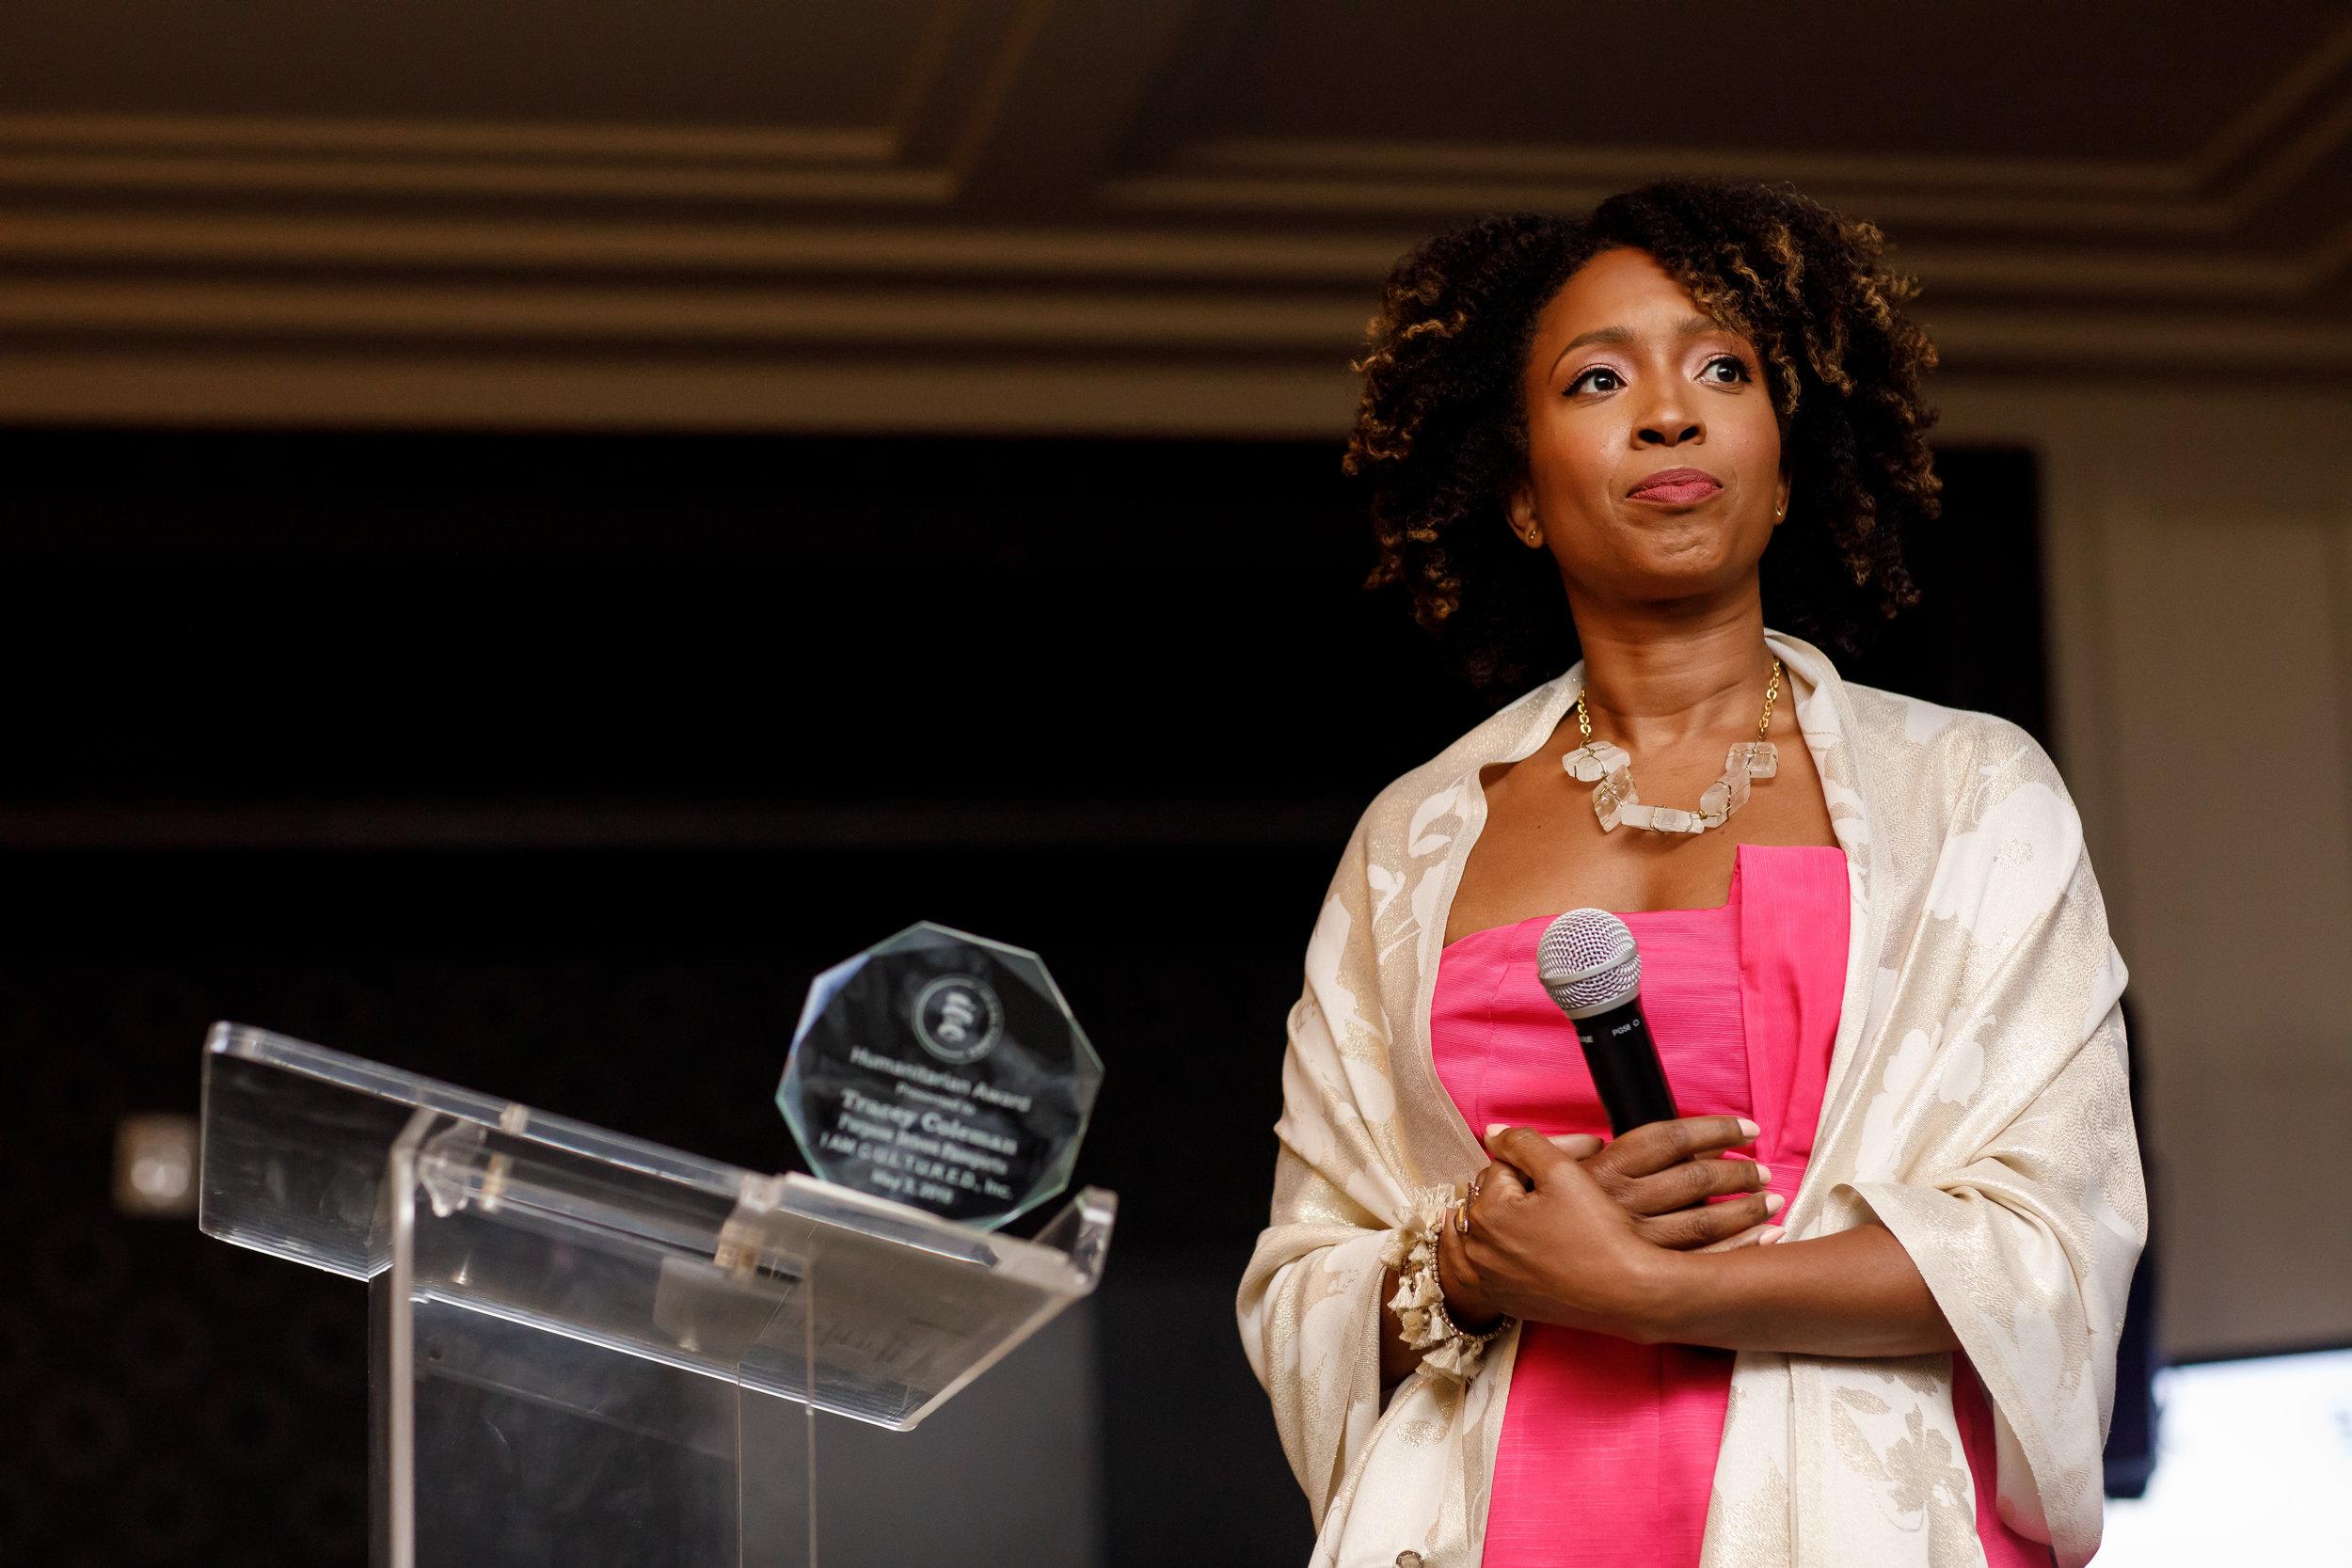 Tracey Coleman, I AM C.U.L.T.U.R.E.D Humanitarian Award